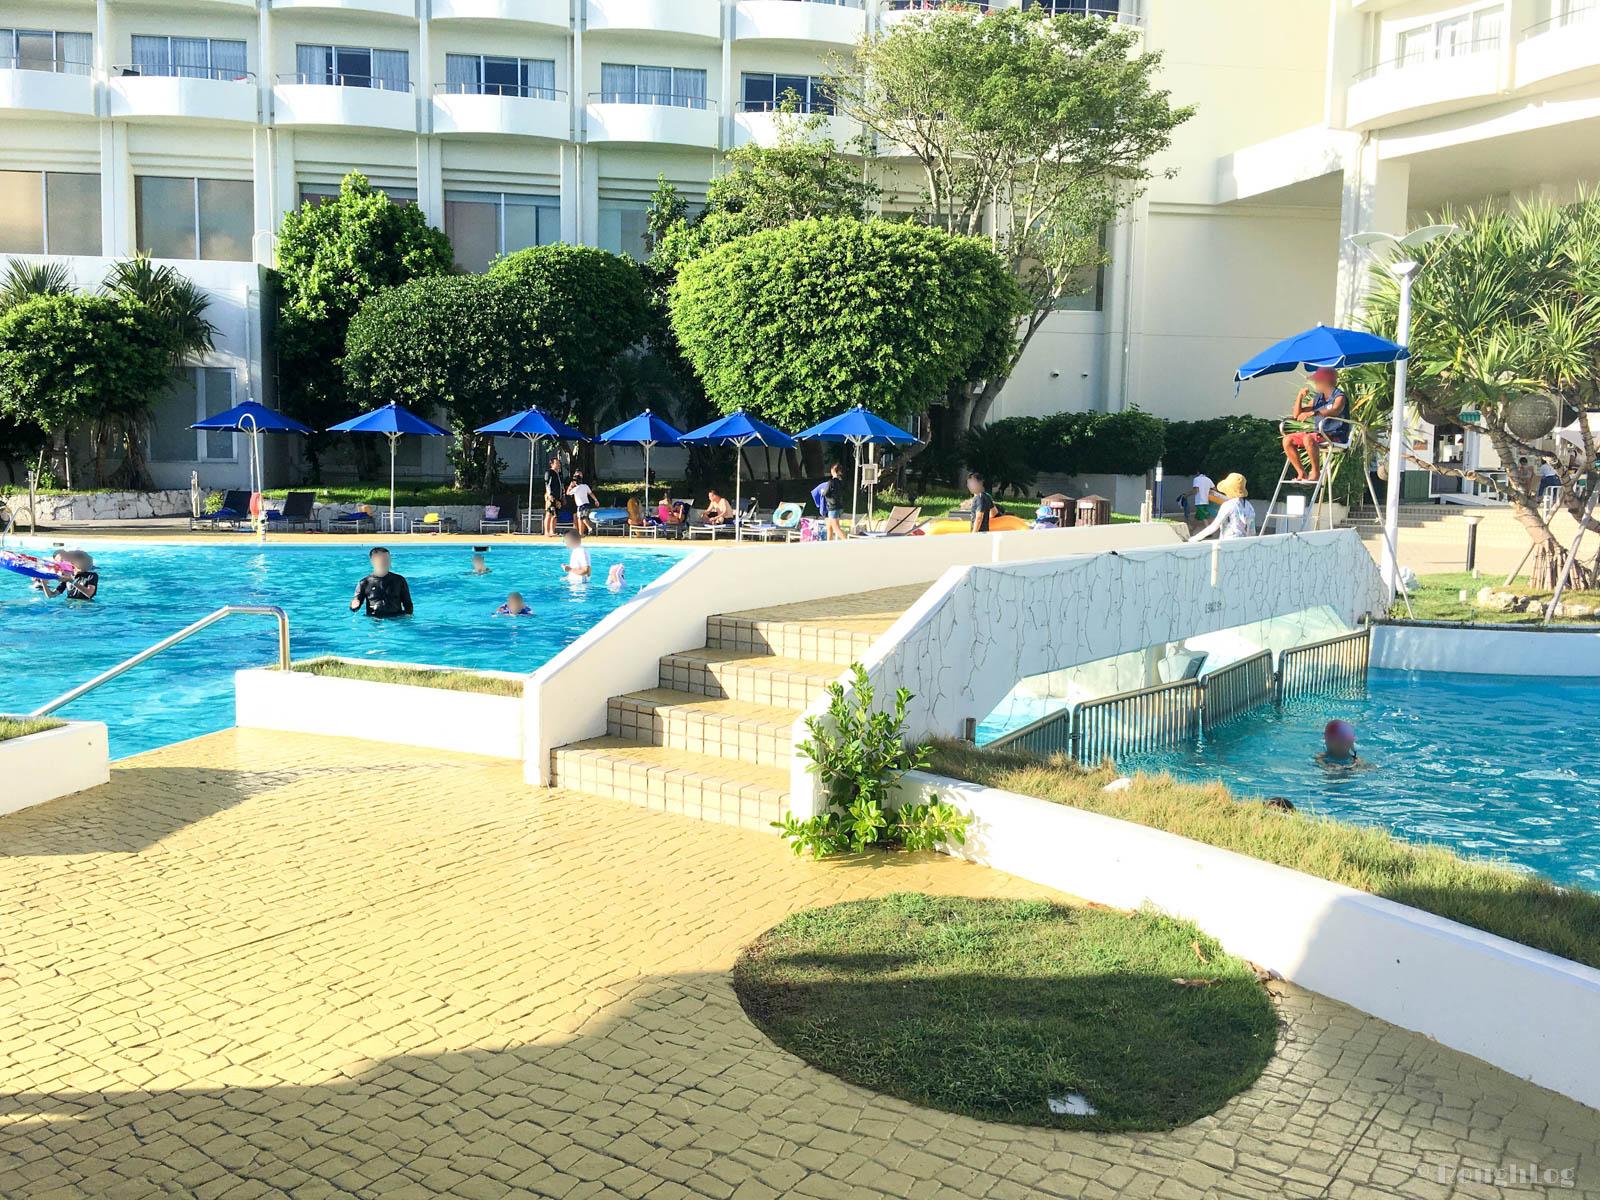 ANAインターコンチネンタル万座ビーチリゾートホテルのプールサイド